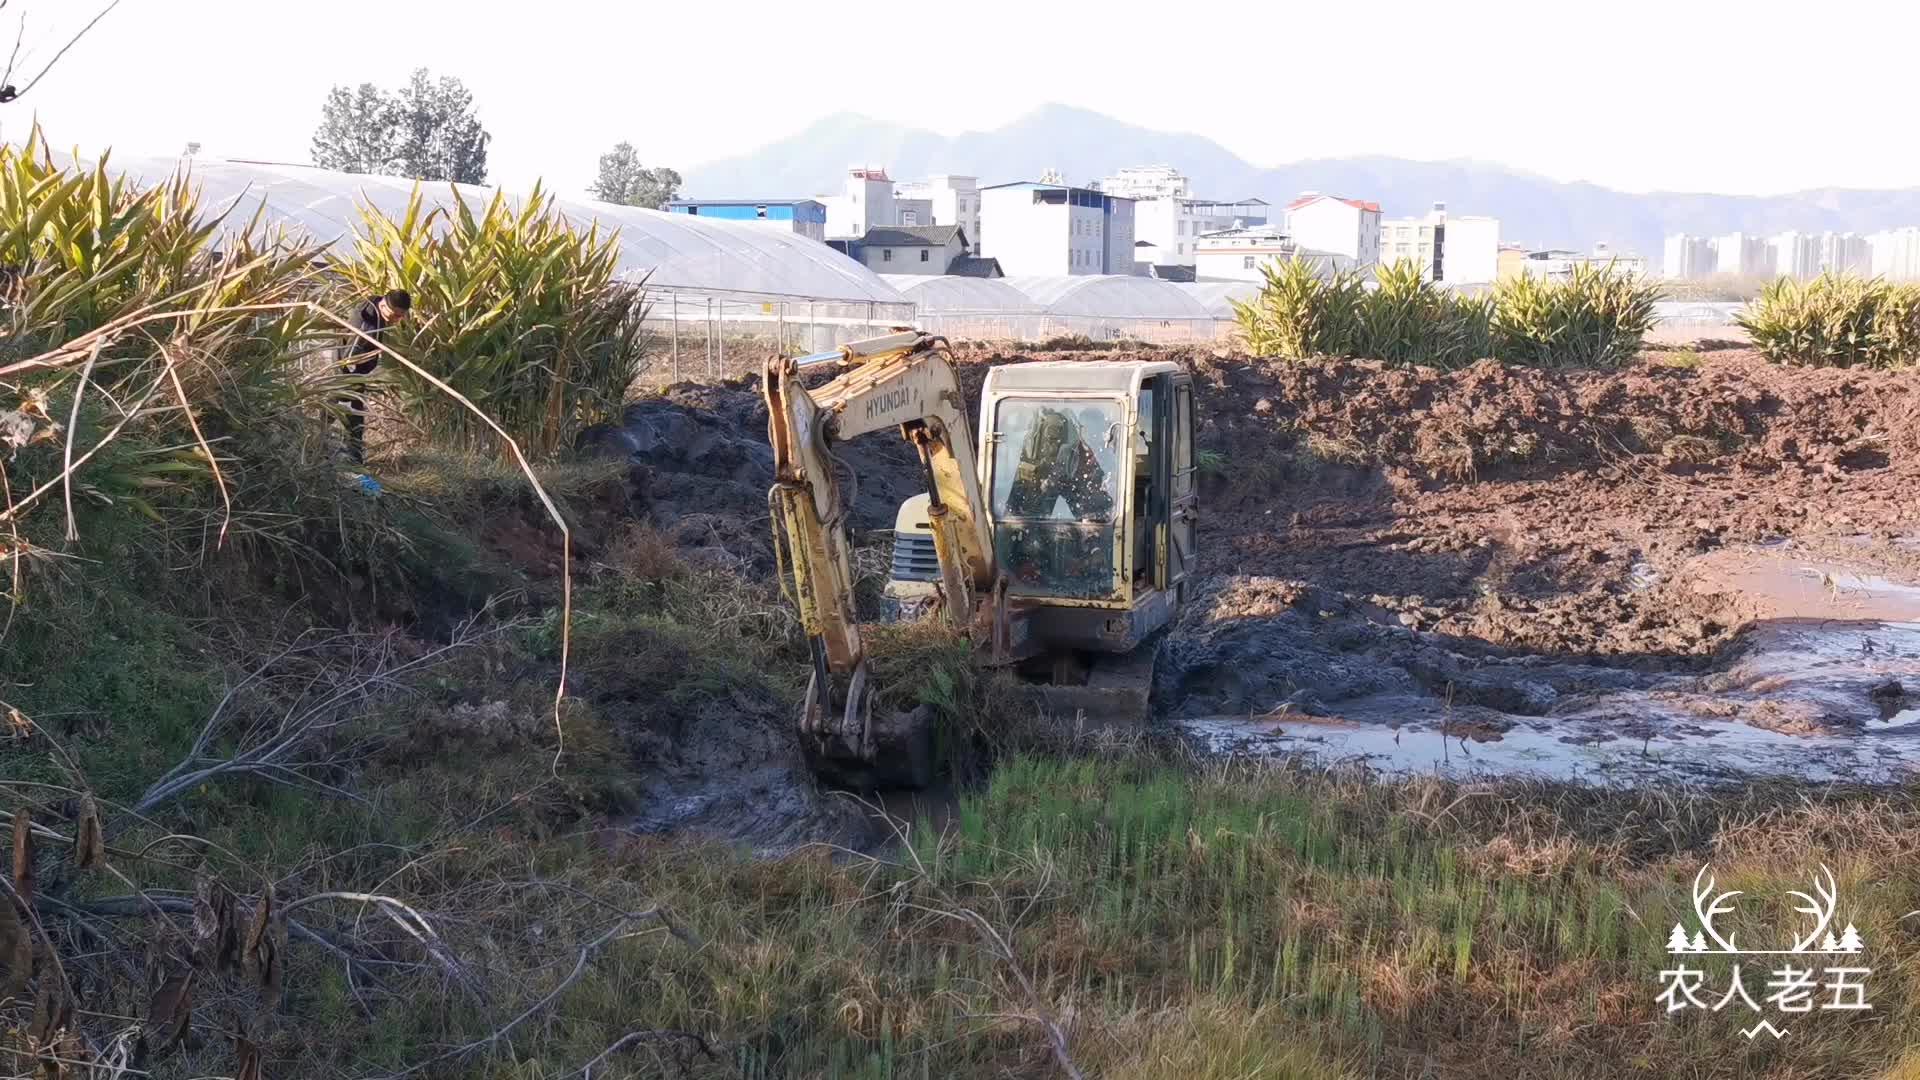 挖掘机清理完鱼塘, 大叔去捡漏挖开泥巴就能发现好货, 越挖越高兴